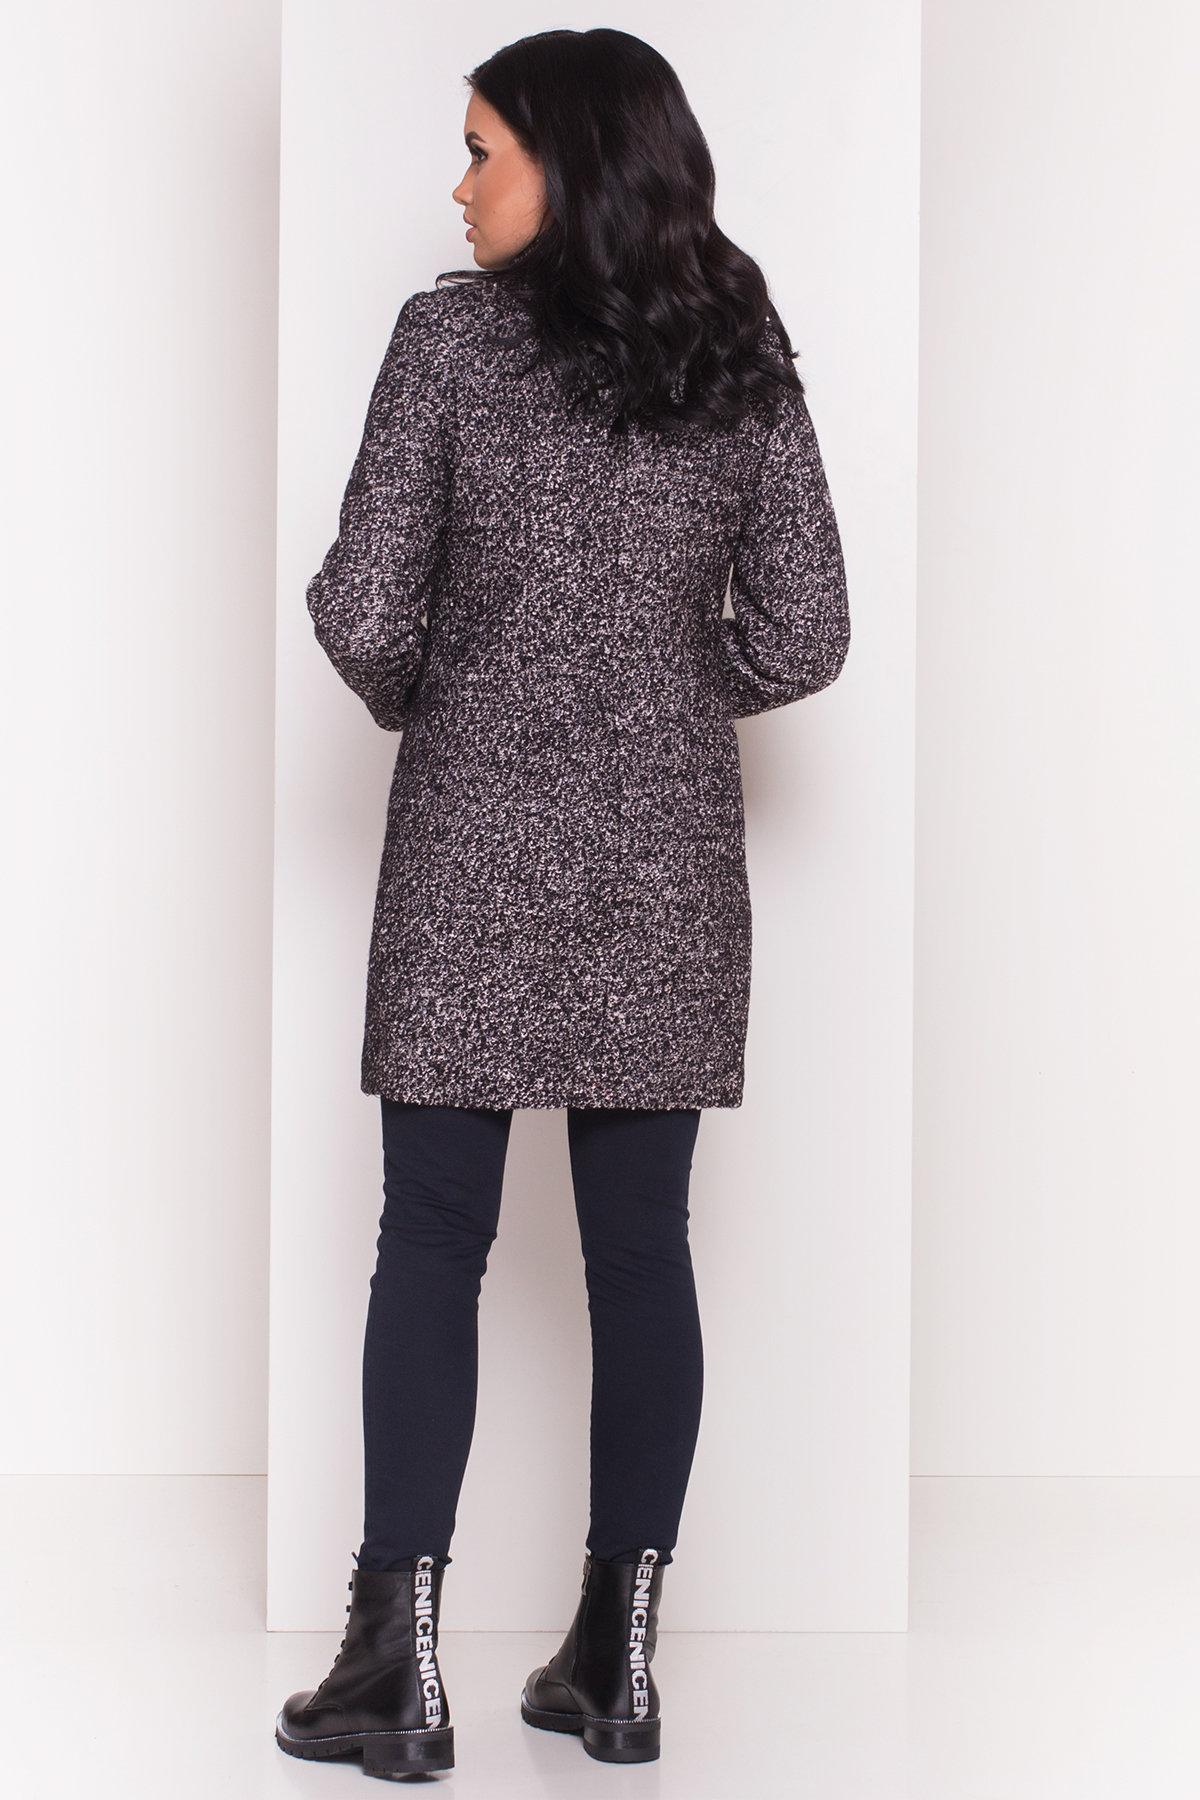 Пальто зима Фортуна 0574 АРТ. 7226 Цвет: Черный / серый 6 - фото 3, интернет магазин tm-modus.ru